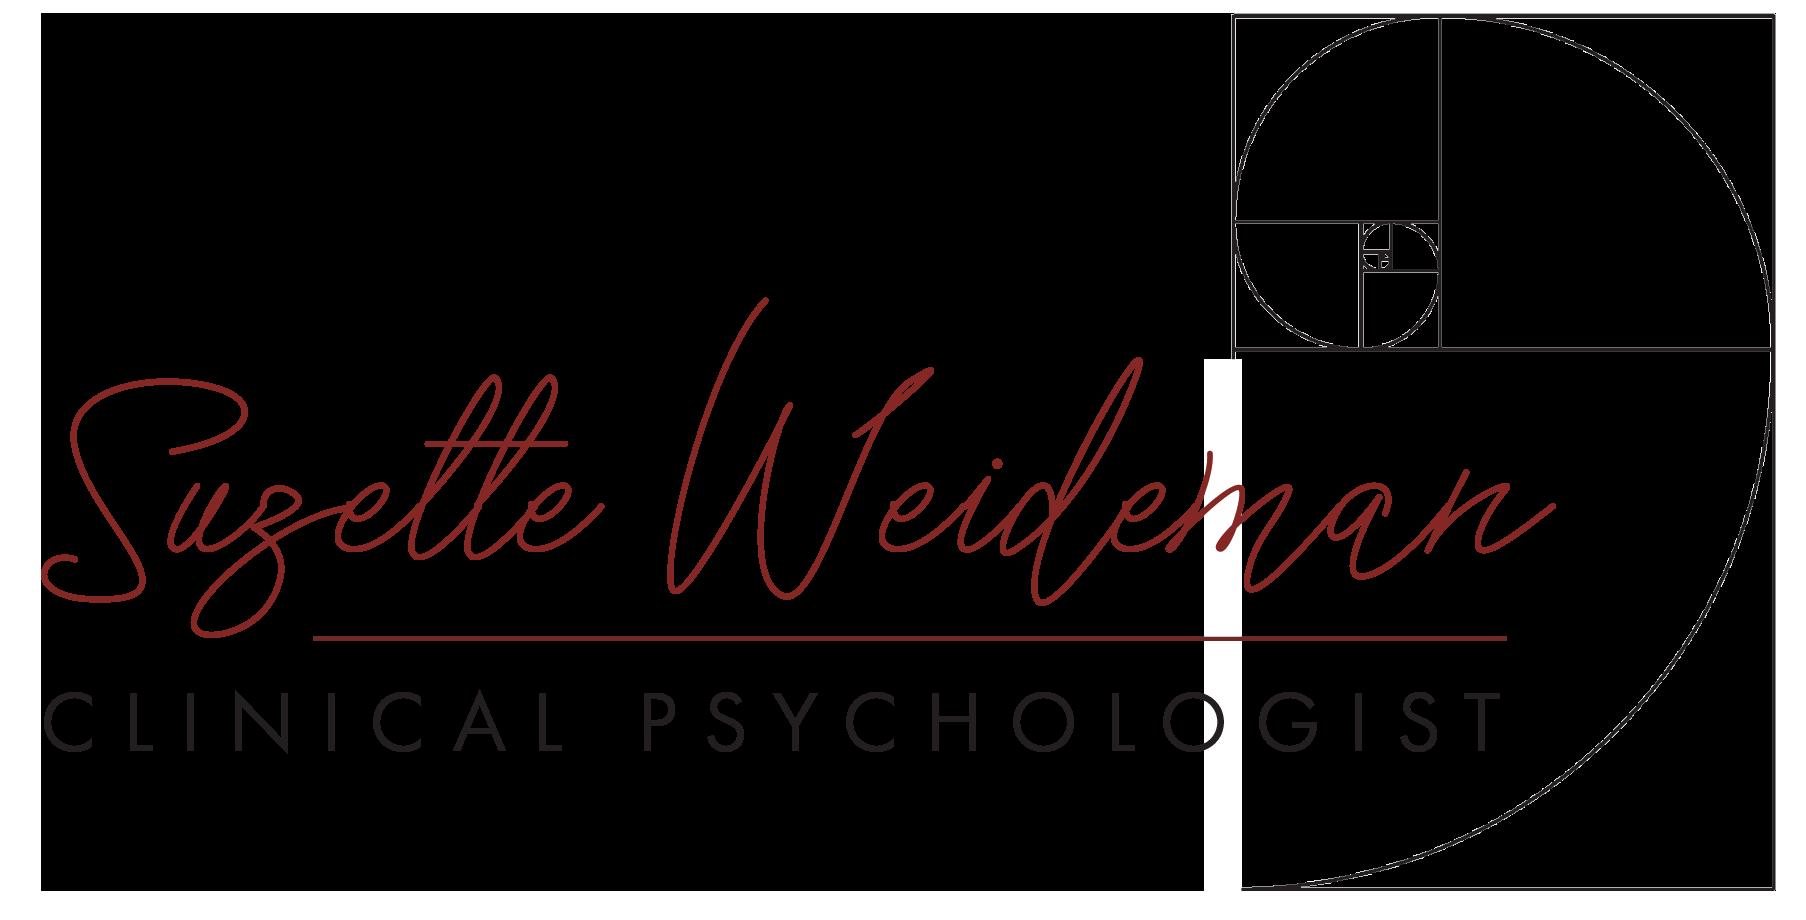 Suzette Weideman